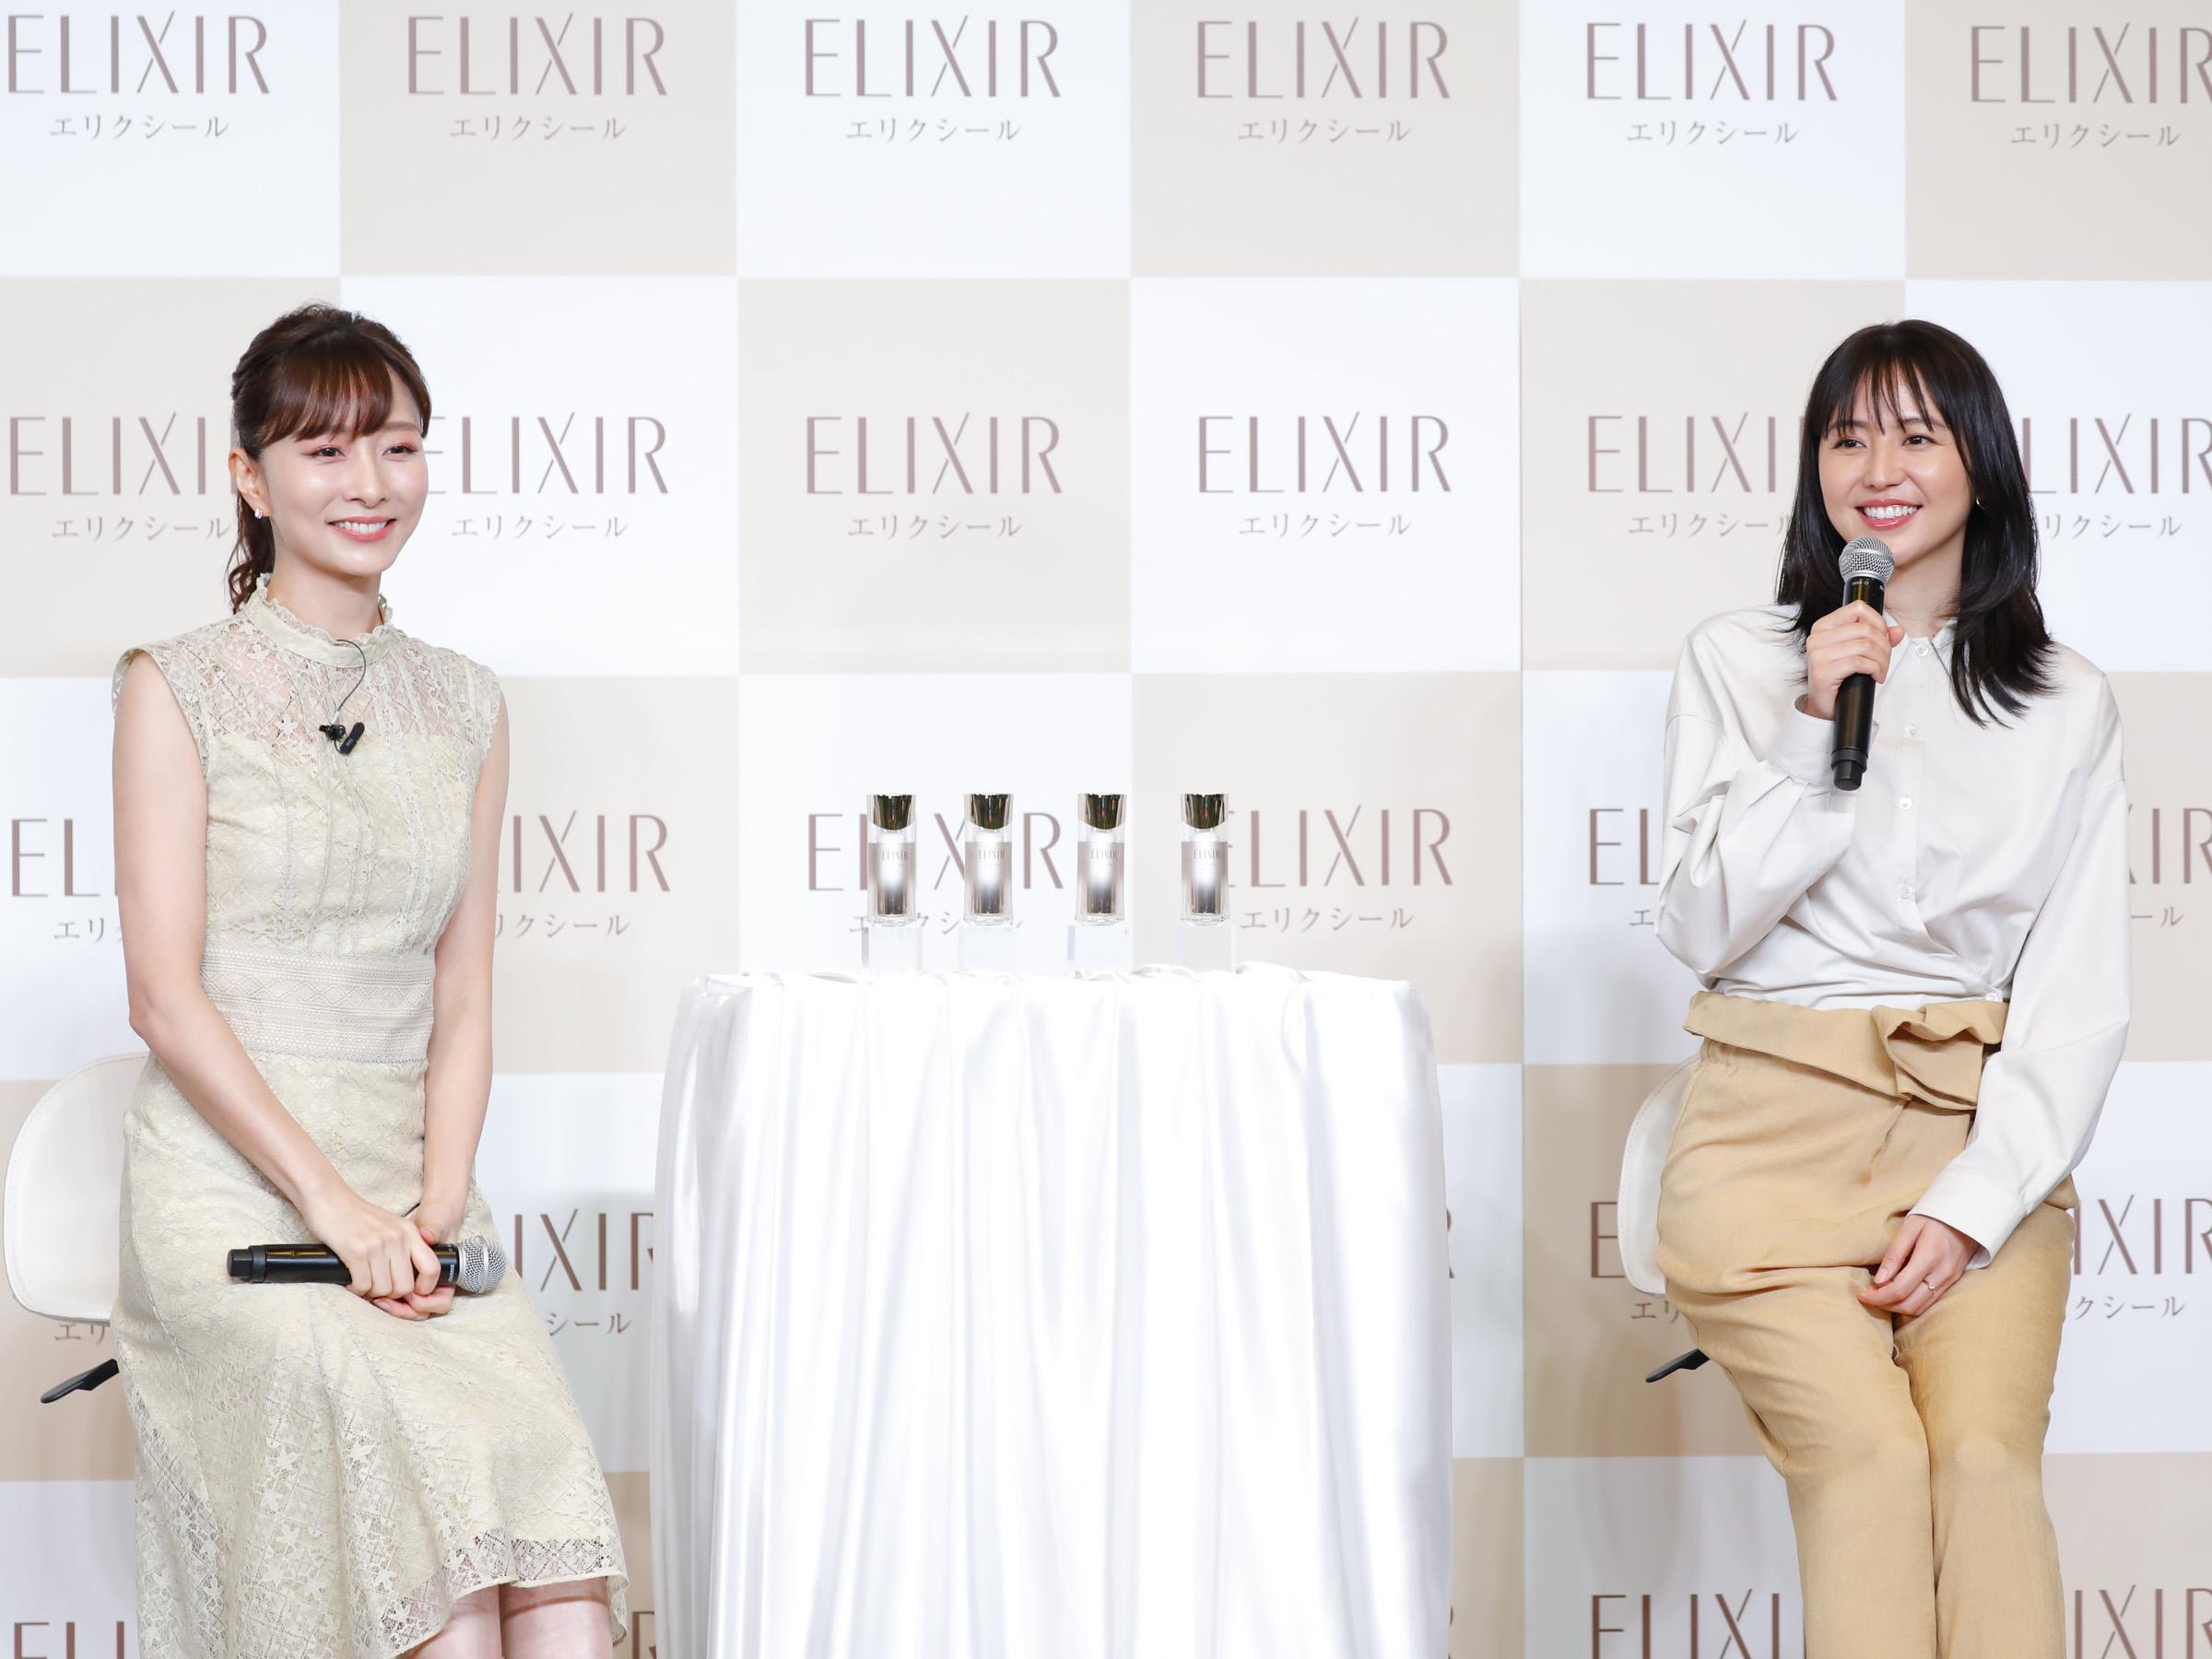 石井美保・長澤まさみ/エリクシールの新ミューズ発表会にて(2020年8月20日)